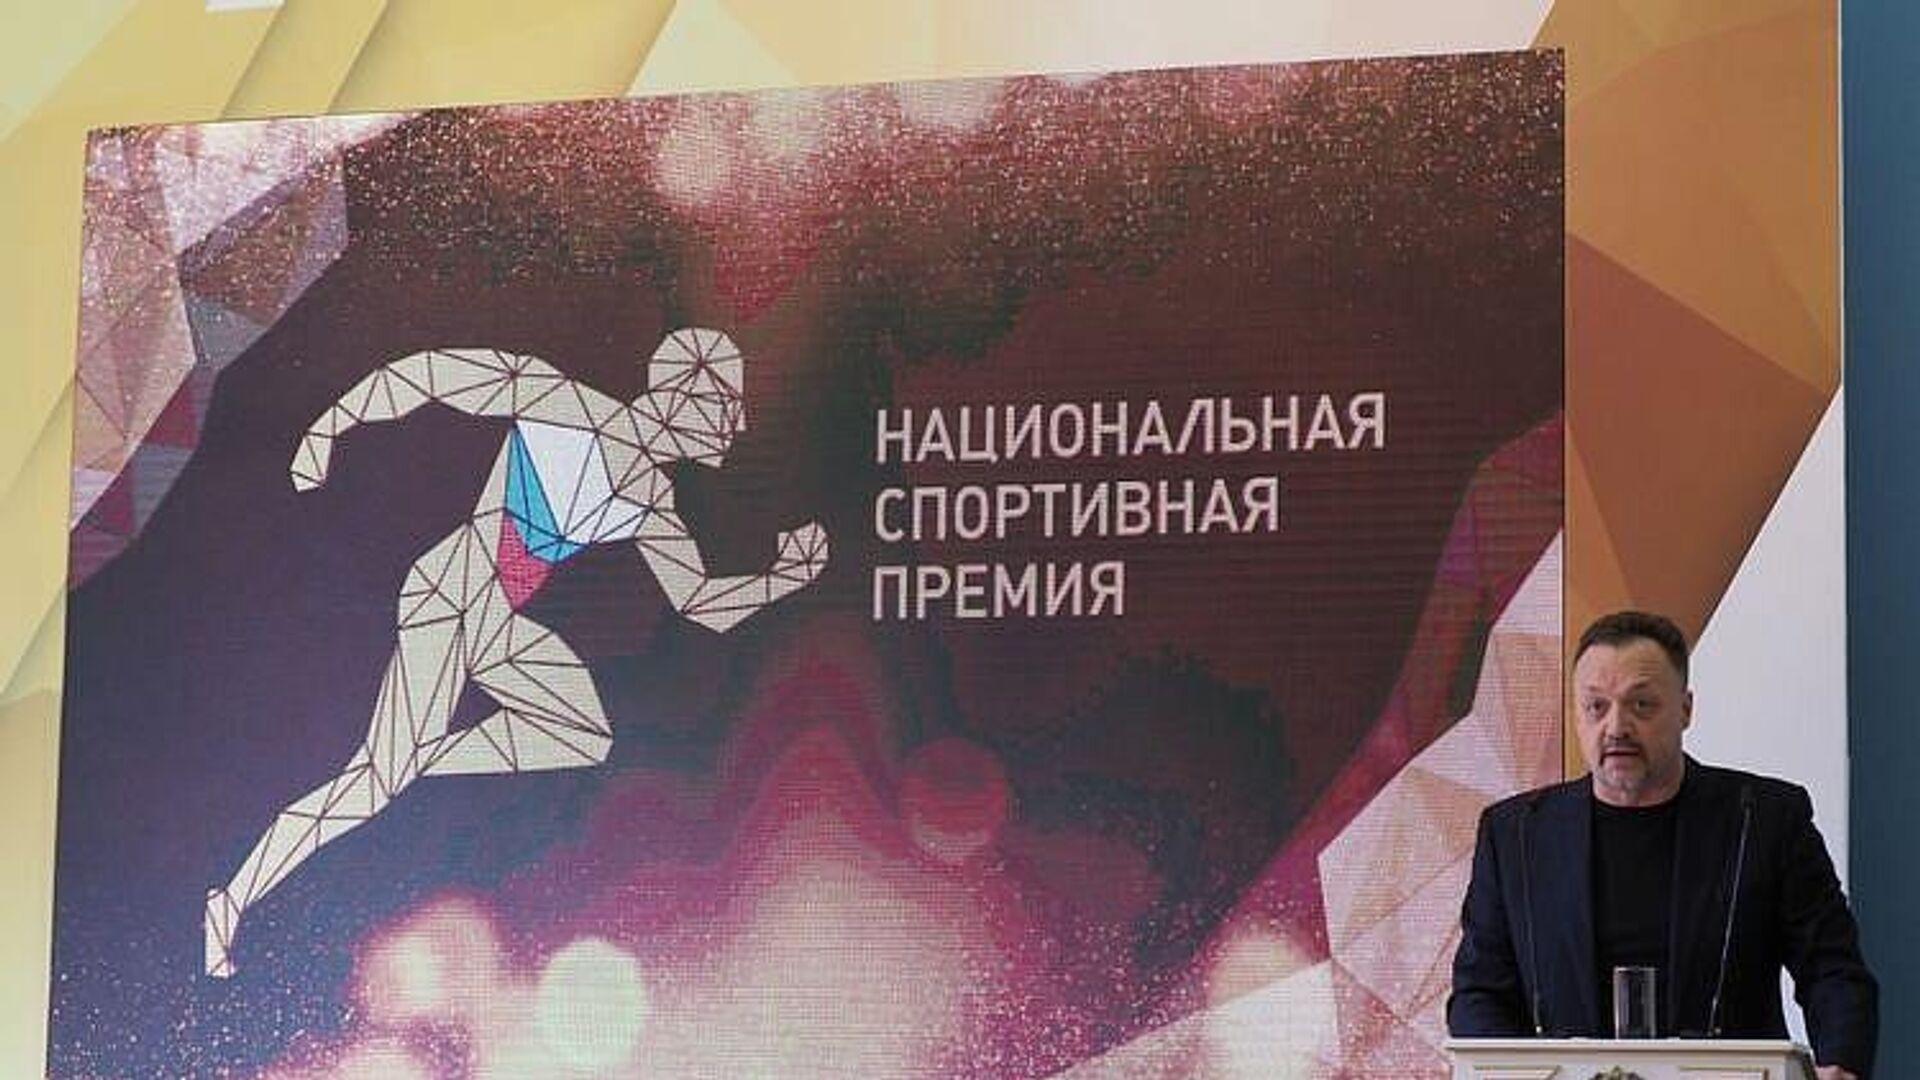 Комментатор Виктор Гусев на церемонии вручения Национальной спортивной премии - РИА Новости, 1920, 30.10.2020